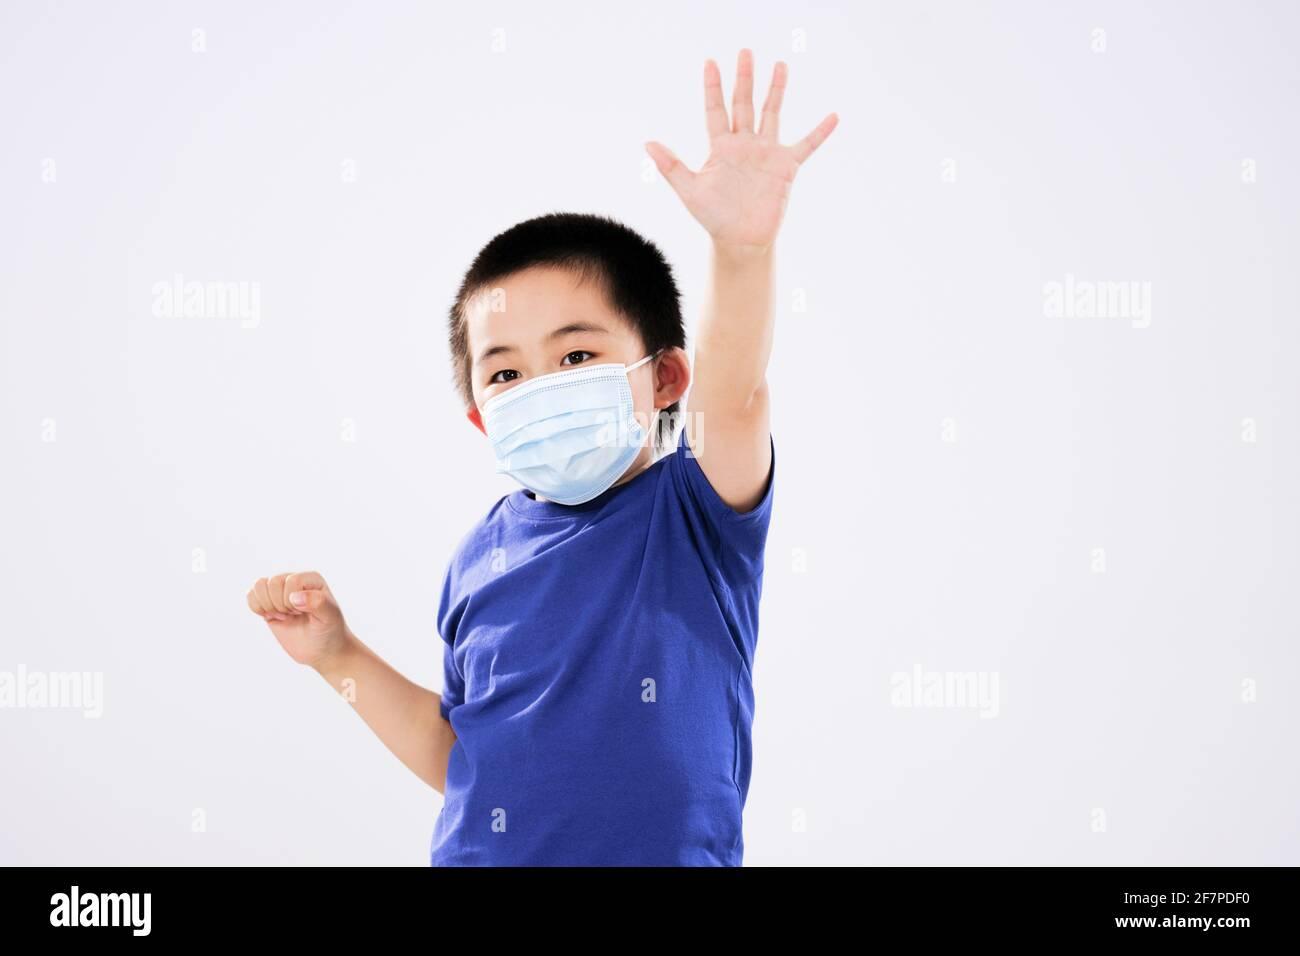 Un petit garçon avec un masque a soulevé son bras non regarder la caméra Banque D'Images